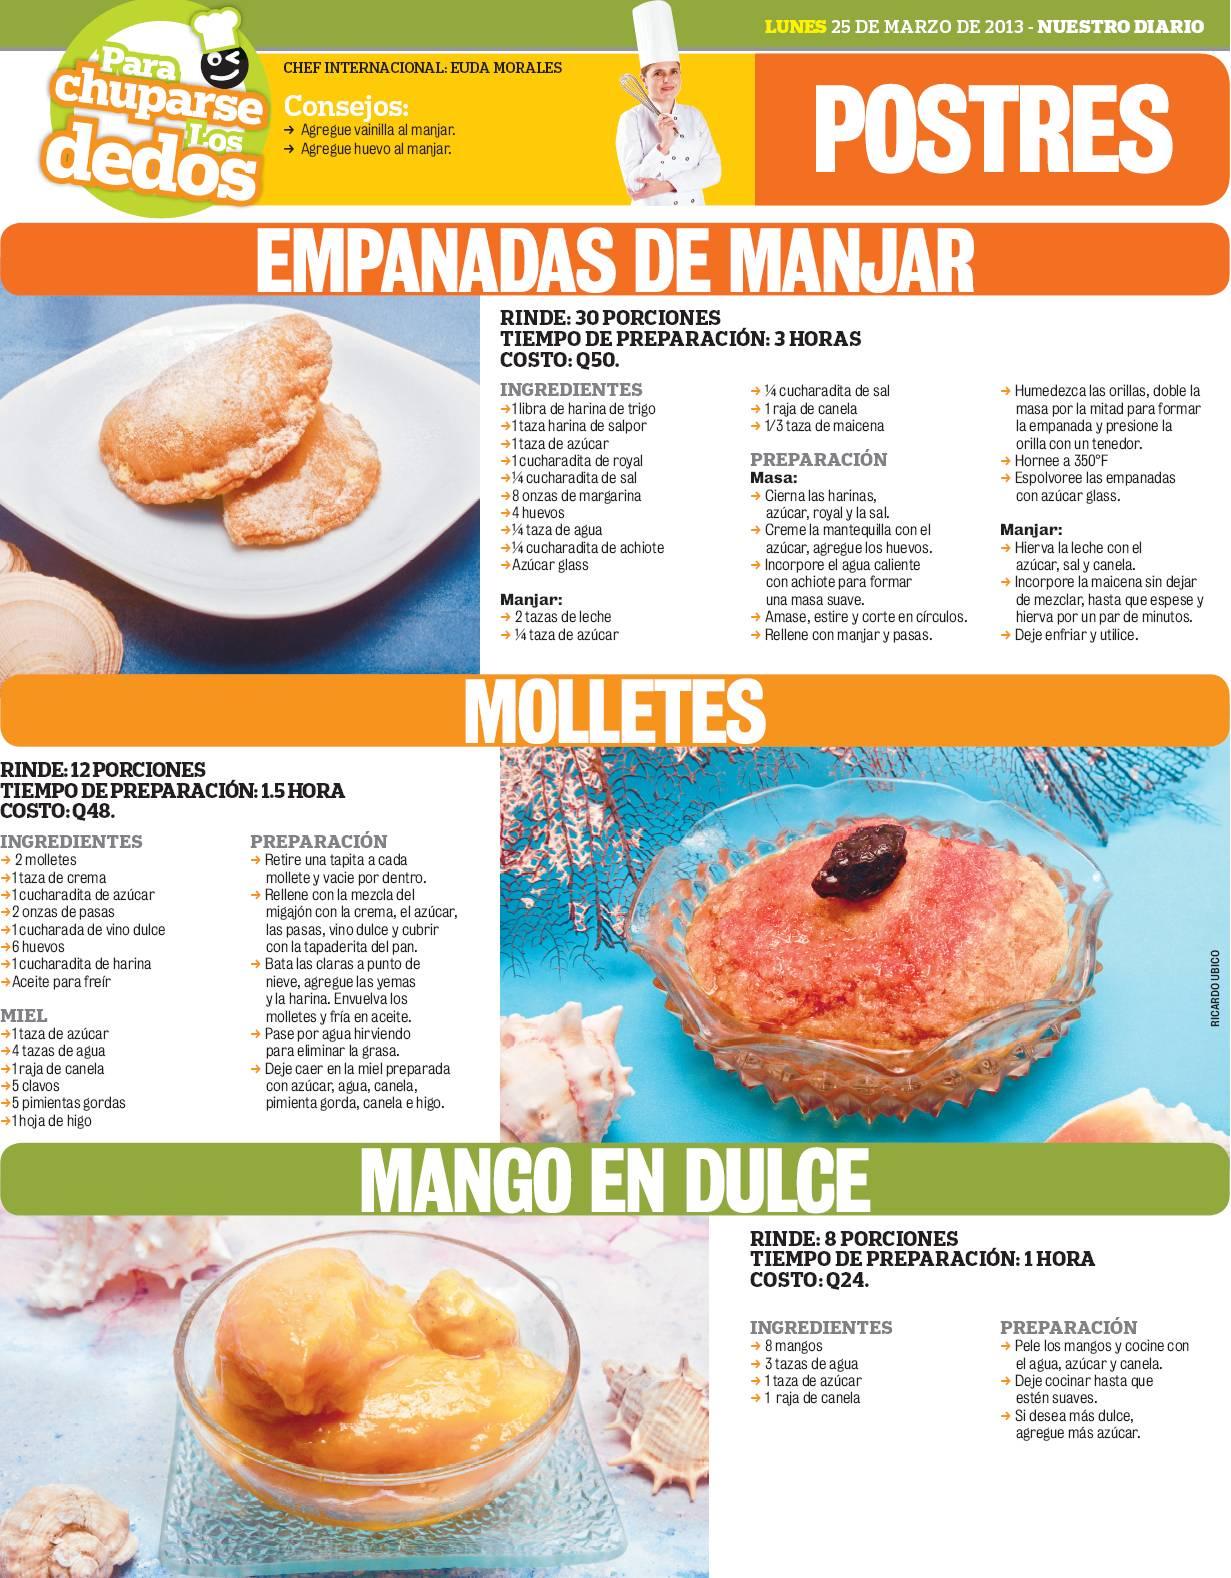 Cocinas y Recetas: Postres de Semana Santa | Guatemala | Pinterest